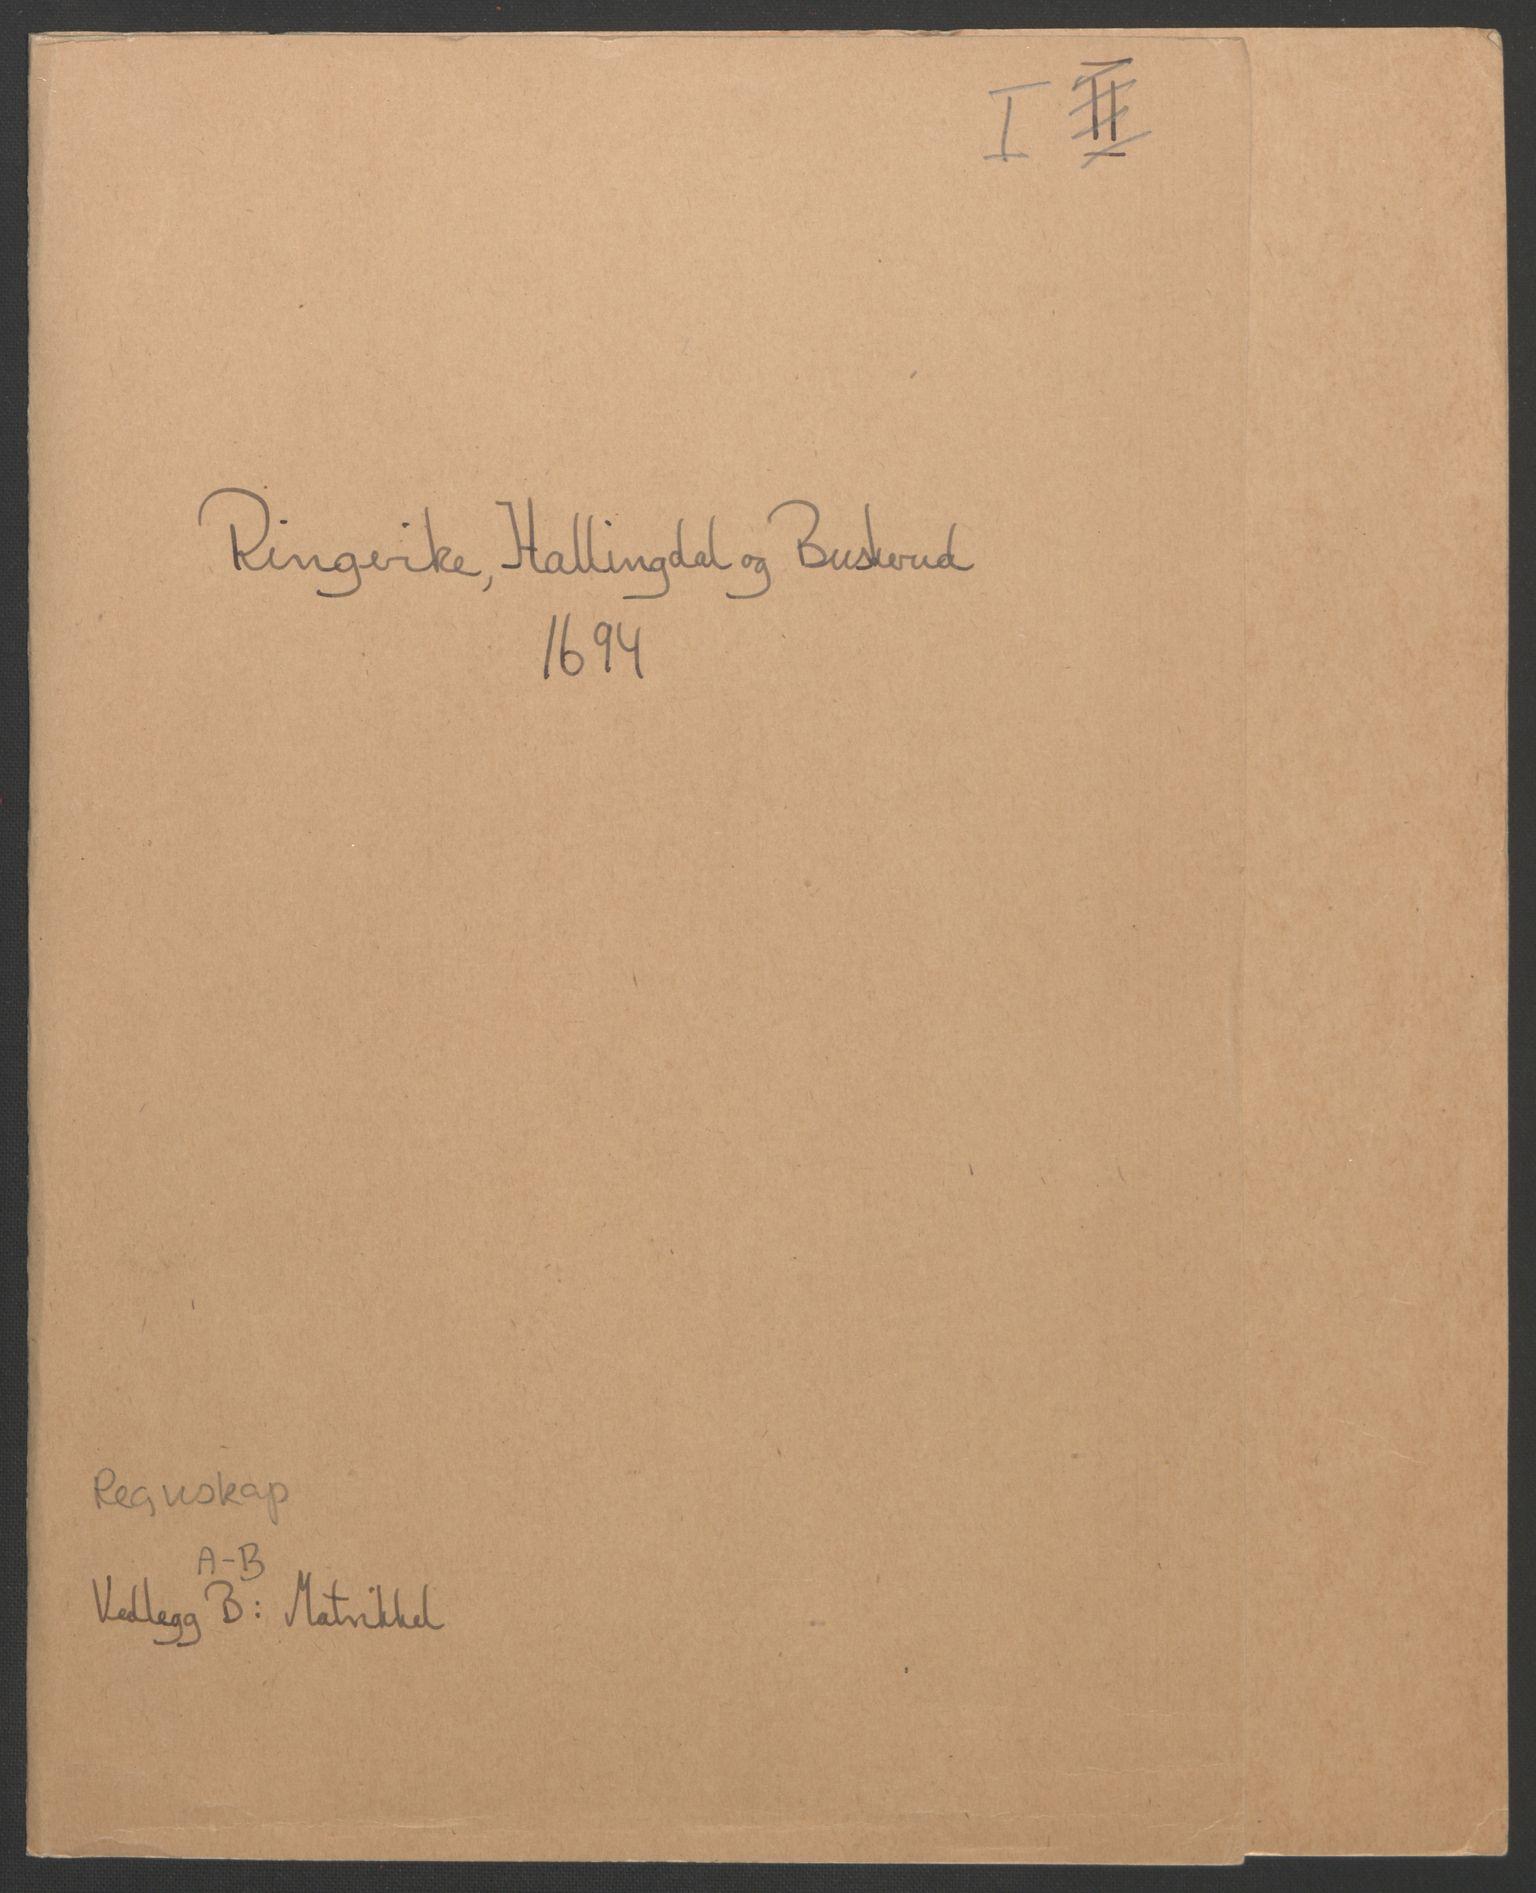 RA, Rentekammeret inntil 1814, Reviderte regnskaper, Fogderegnskap, R22/L1451: Fogderegnskap Ringerike, Hallingdal og Buskerud, 1694, s. 2